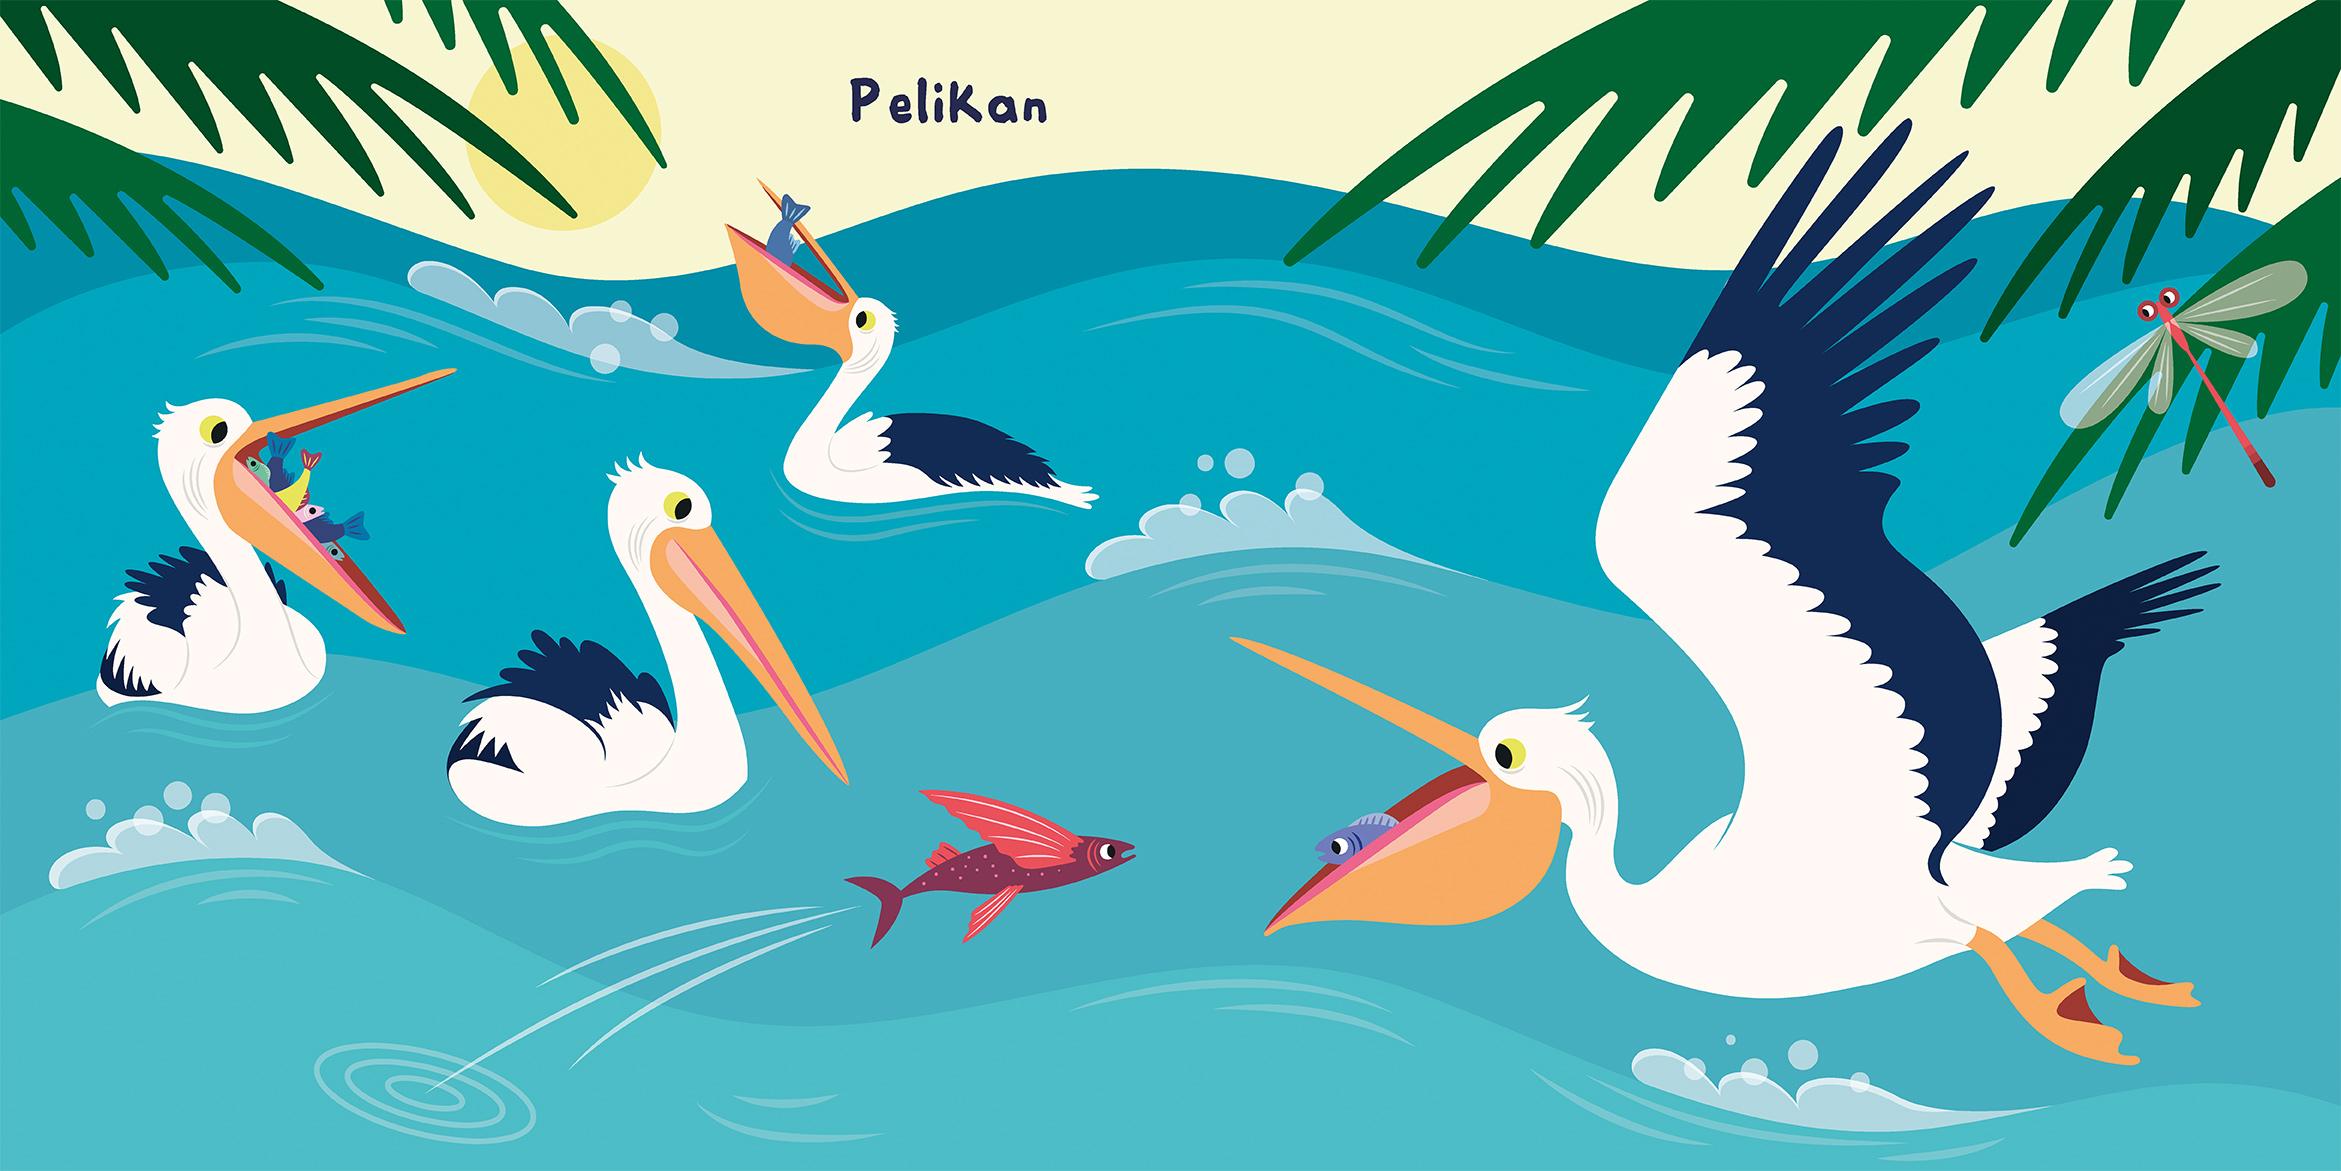 Pelikan.jpg